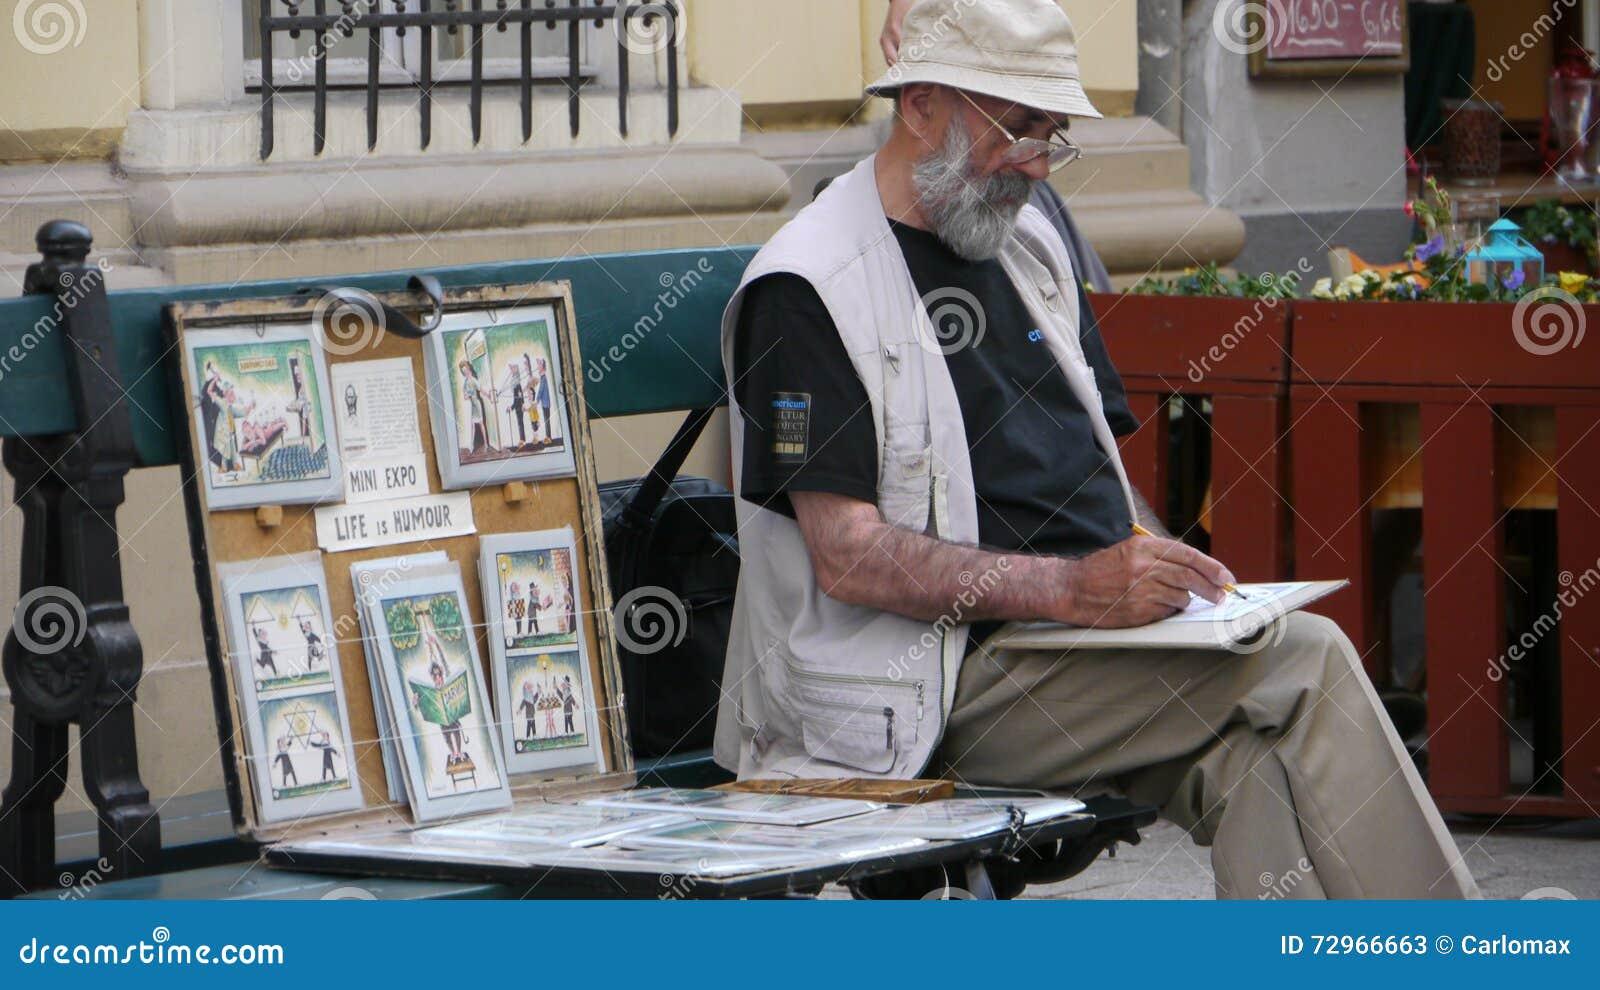 Humour cartoonist in Budapest